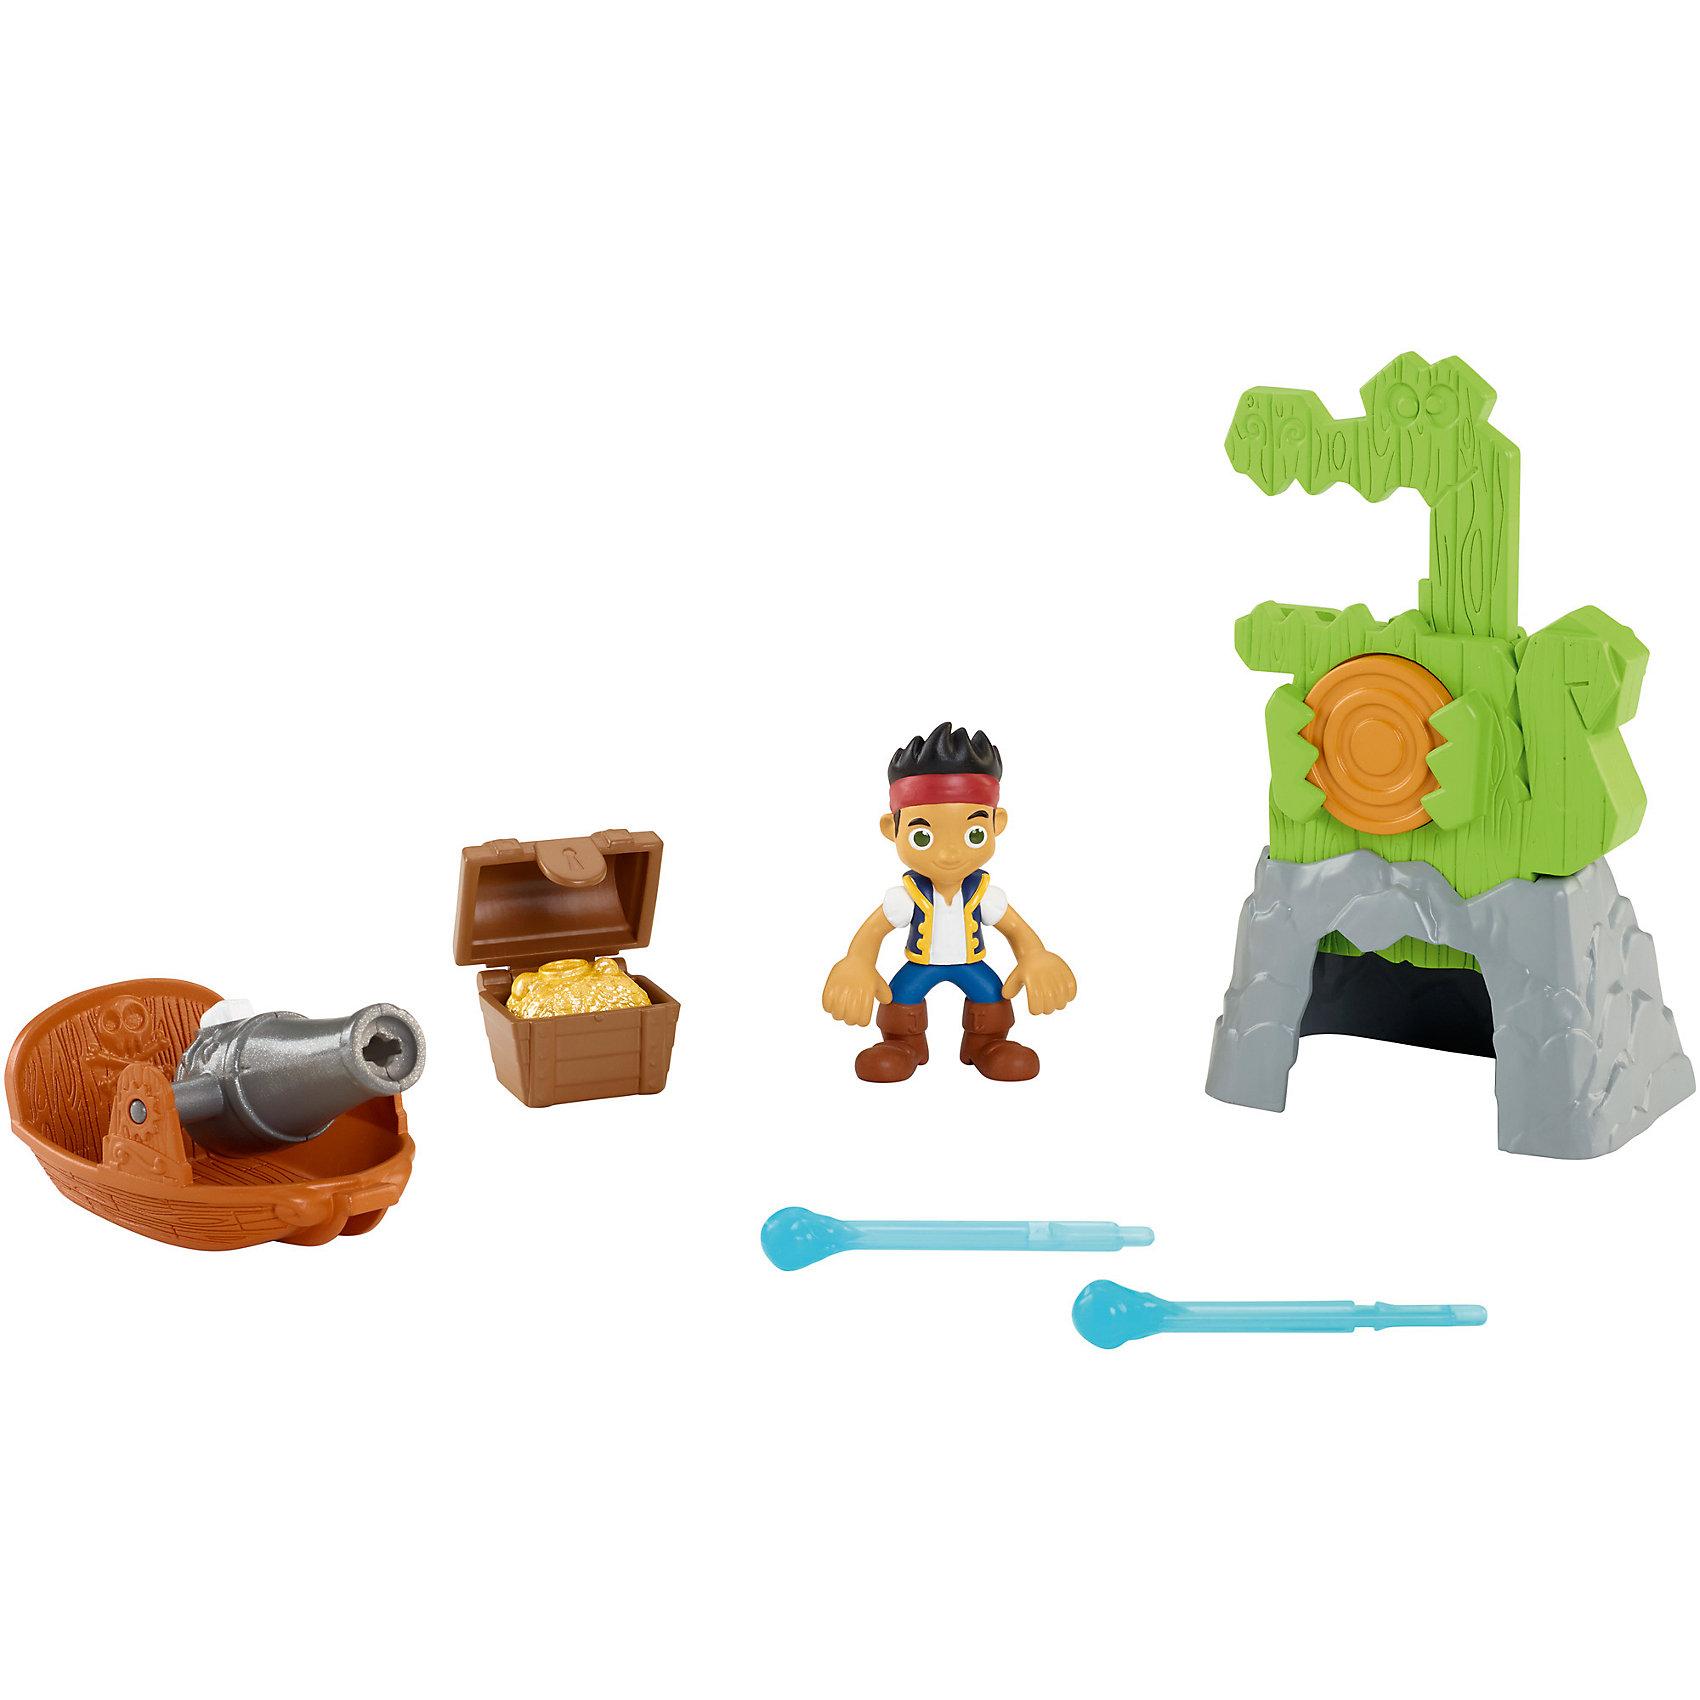 Игровой набор, Fisher Price, Джейк и пираты Нетландии. Сокровища крокодила Тик-ТакаДжейк и пираты Нетландии<br>Характеристики:<br><br>• Вид игр: сюжетно-ролевые игры<br>• Пол: для мальчиков<br>• Материал: пластик<br>• Цвет: коричневый, синий, серый, зеленый, желтый<br>• Комплектация: фигурка Джейка, лодка, пушка, стрелковая мишень<br>• Размер (Д*Ш*В): 27*7*23 см<br>• Вес: 400 г<br>• Серия: Джейк и пираты Нетландии<br><br>Игровой набор, Fisher Price, Джейк и пираты Нетландии включает в себя фигурку популярного героя мультсериала – Джейка и набор аксессуаров, предназначенный для тренировки и оттачивания мастерства для борьбы с главным противником – Крокодилом Тик-Таком. В наборе лодка, приспособленная с пушкой и стрелковая мишень, выполненная в виде крокодила Тик-Така. Фигурки персонажей и аксессуары выполнены с высокой точностью соответствия прототипам. Игровые элементы изготовлены из безопасного и прочного пластика.  Сюжетно-ролевые игры с набором позволят не только воссоздать наиболее понравившиеся сюжеты из сериала, но и придумать свою историю с ловким и смелым героем.<br><br>Игровой набор, Fisher Price, Джейк и пираты Нетландии, в ассортименте можно купить в нашем интернет-магазине.<br><br>Ширина мм: 274<br>Глубина мм: 233<br>Высота мм: 76<br>Вес г: 280<br>Возраст от месяцев: 36<br>Возраст до месяцев: 60<br>Пол: Мужской<br>Возраст: Детский<br>SKU: 5065445